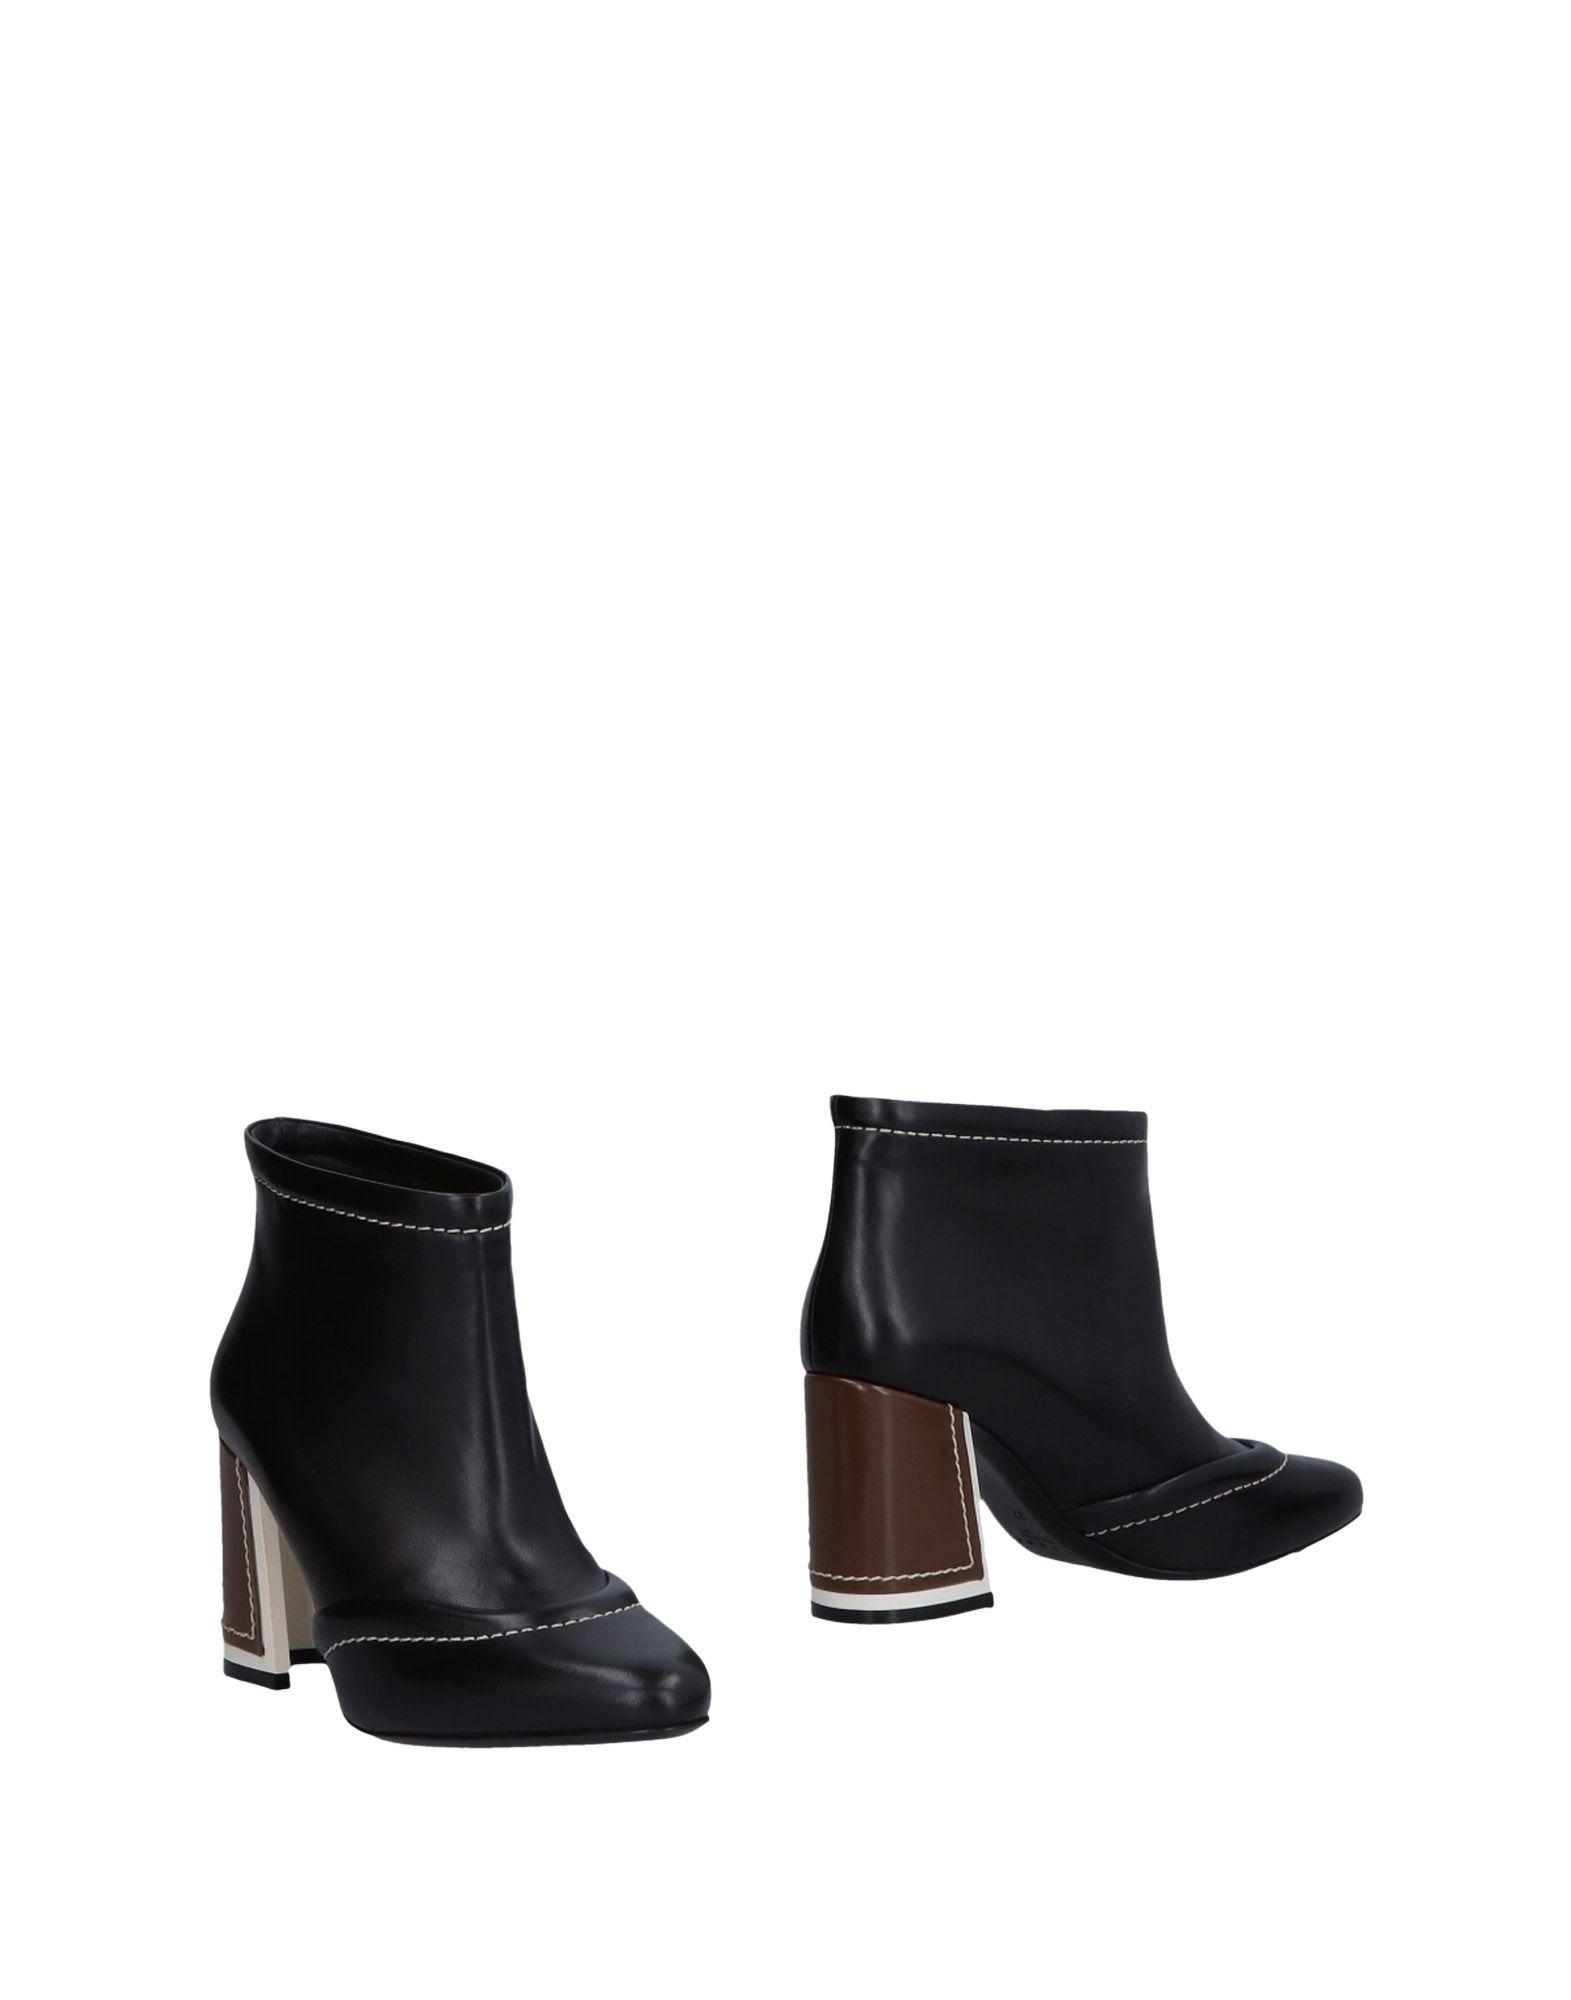 Marni Ankle Ankle Boot - Women Marni Ankle Ankle Boots online on  United Kingdom - 11474767BV 2fa017